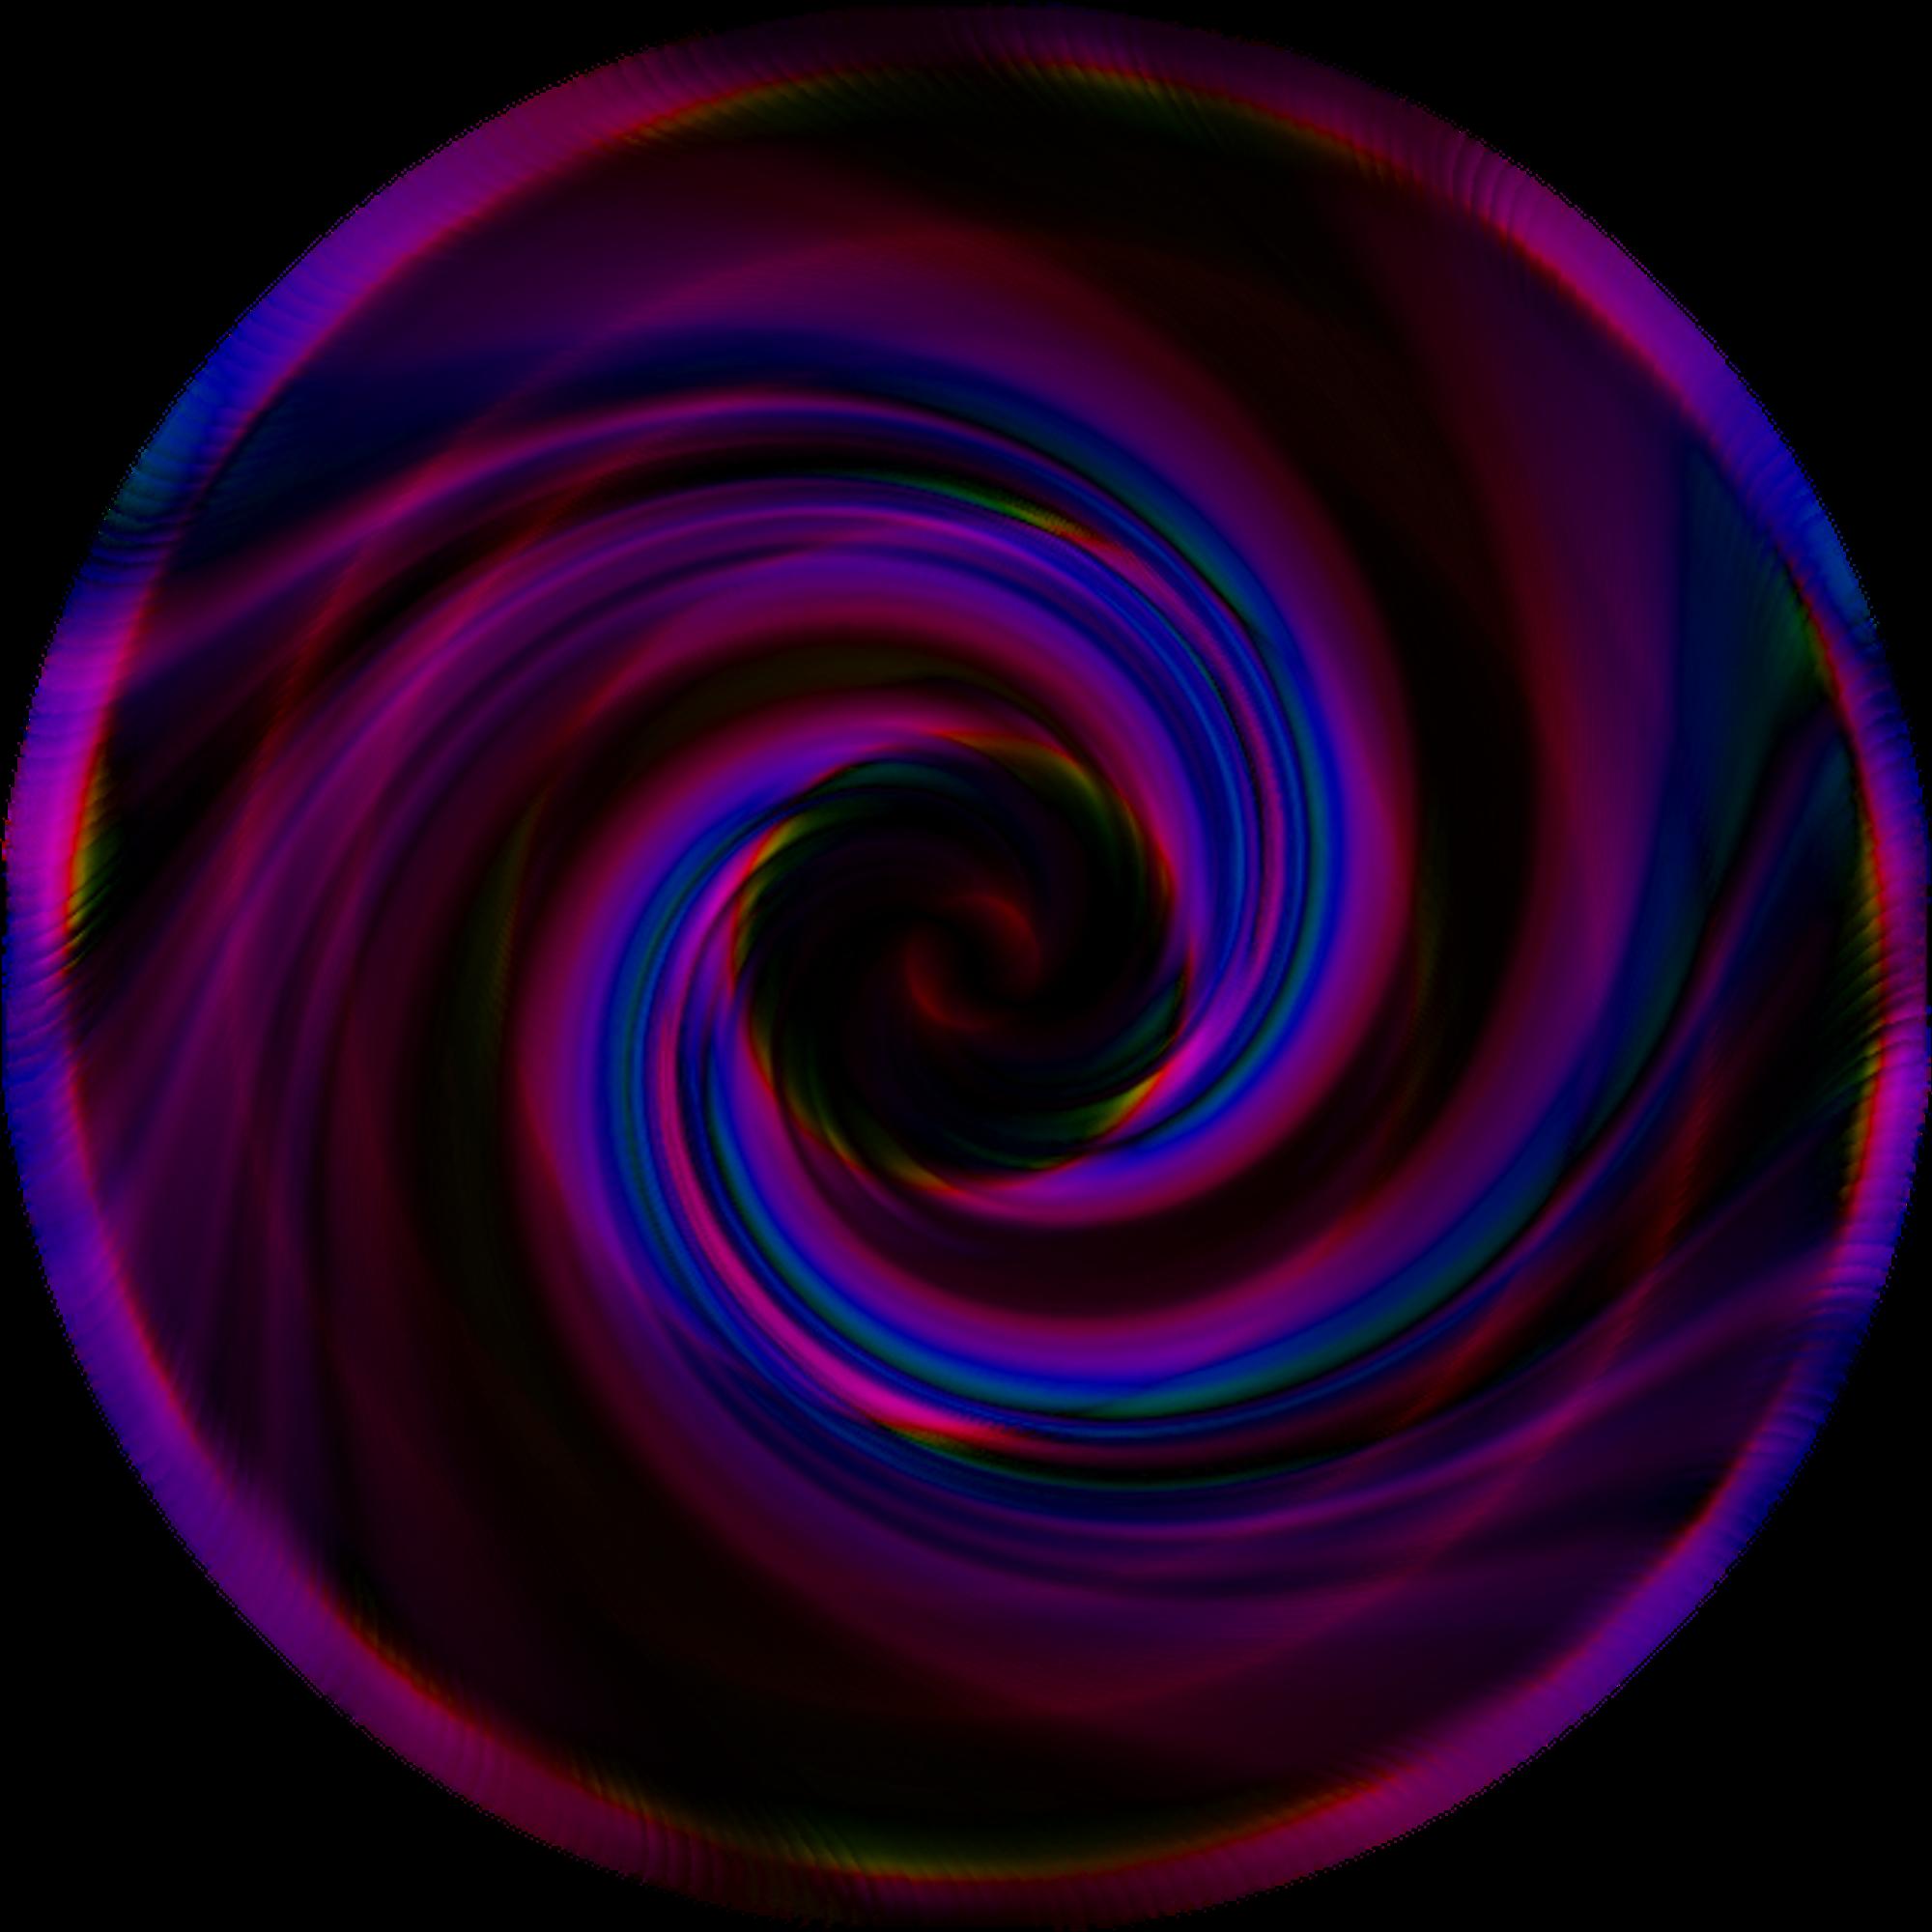 Portal Depiction